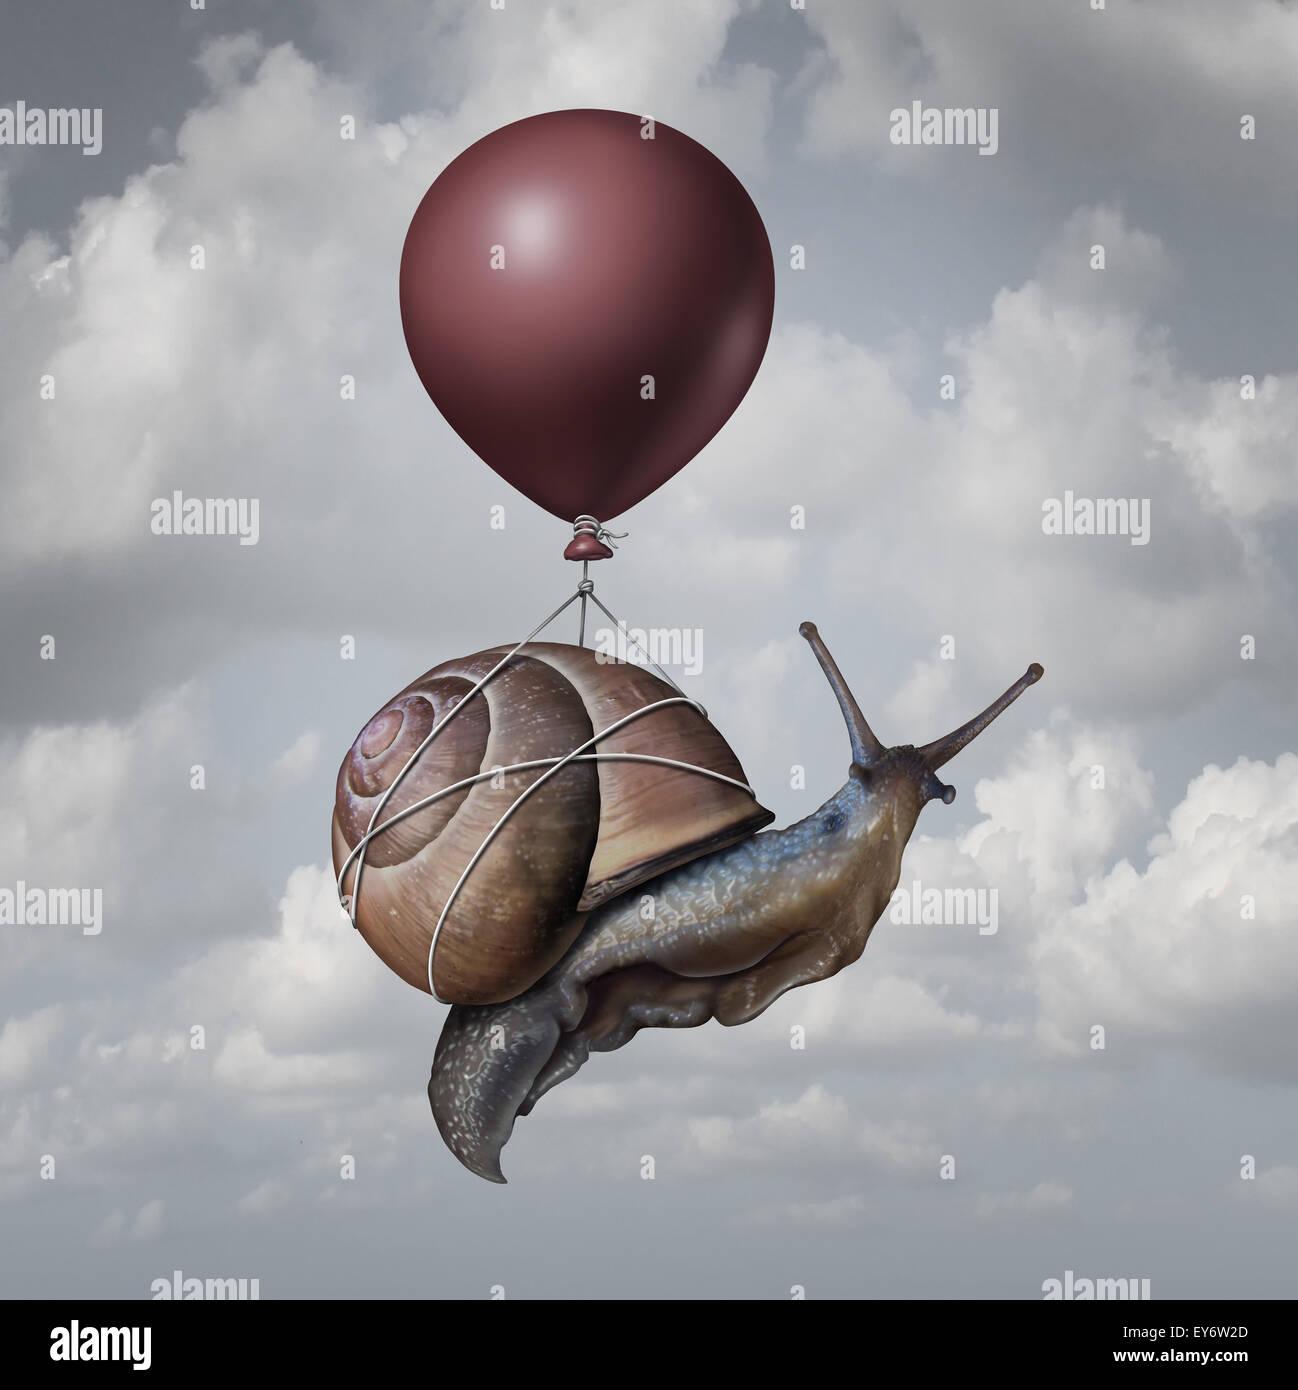 Notion de réussite et d'avantages ou d'idée du jeu comme symbole un ballon soulevant un escargot Photo Stock